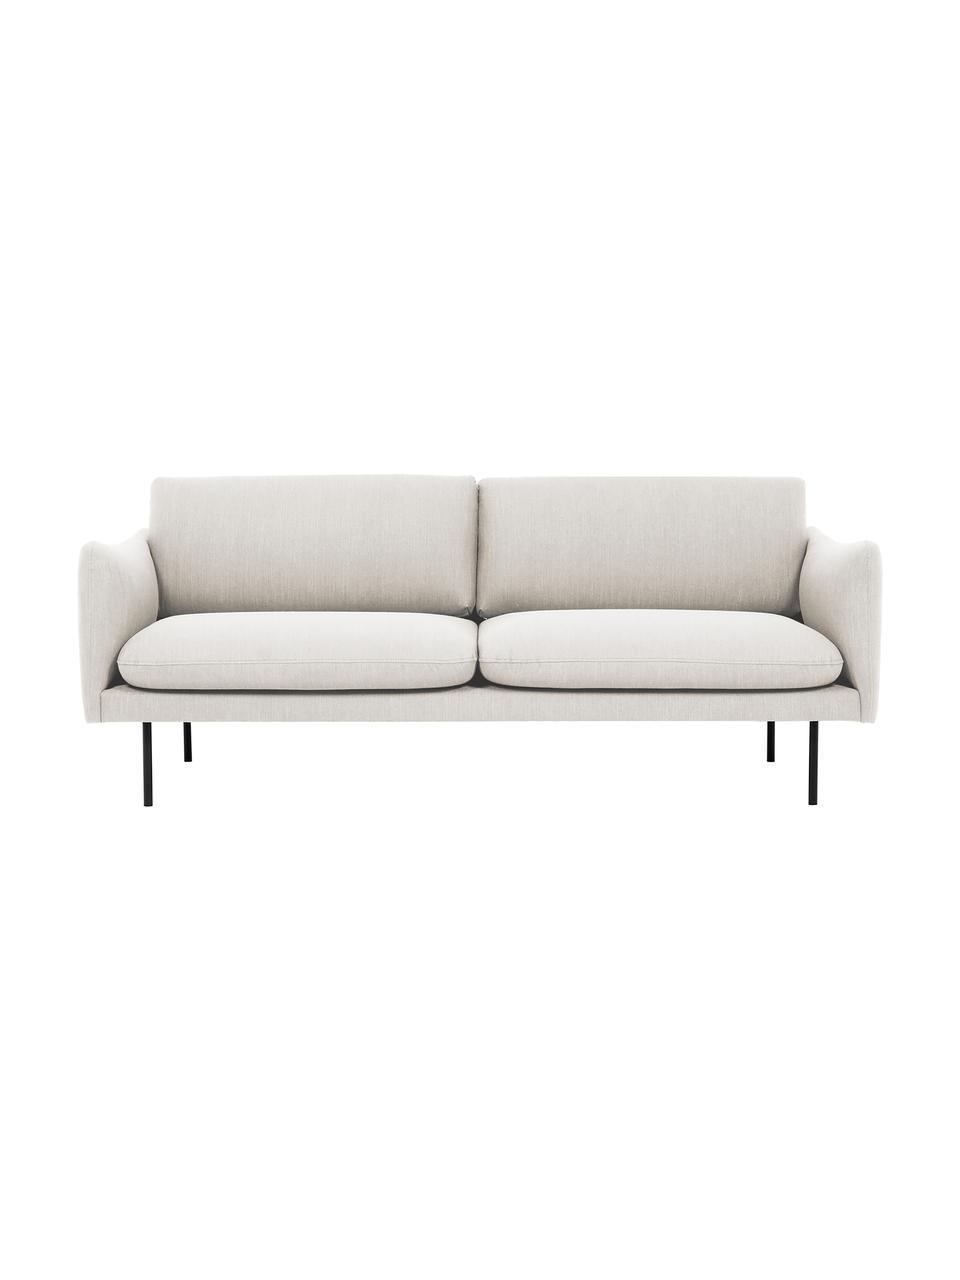 Sofa Moby (2-Sitzer) in Beige mit Metall-Füßen, Bezug: Polyester Der hochwertige, Gestell: Massives Kiefernholz, Füße: Metall, pulverbeschichtet, Webstoff Beige, B 170 x T 95 cm